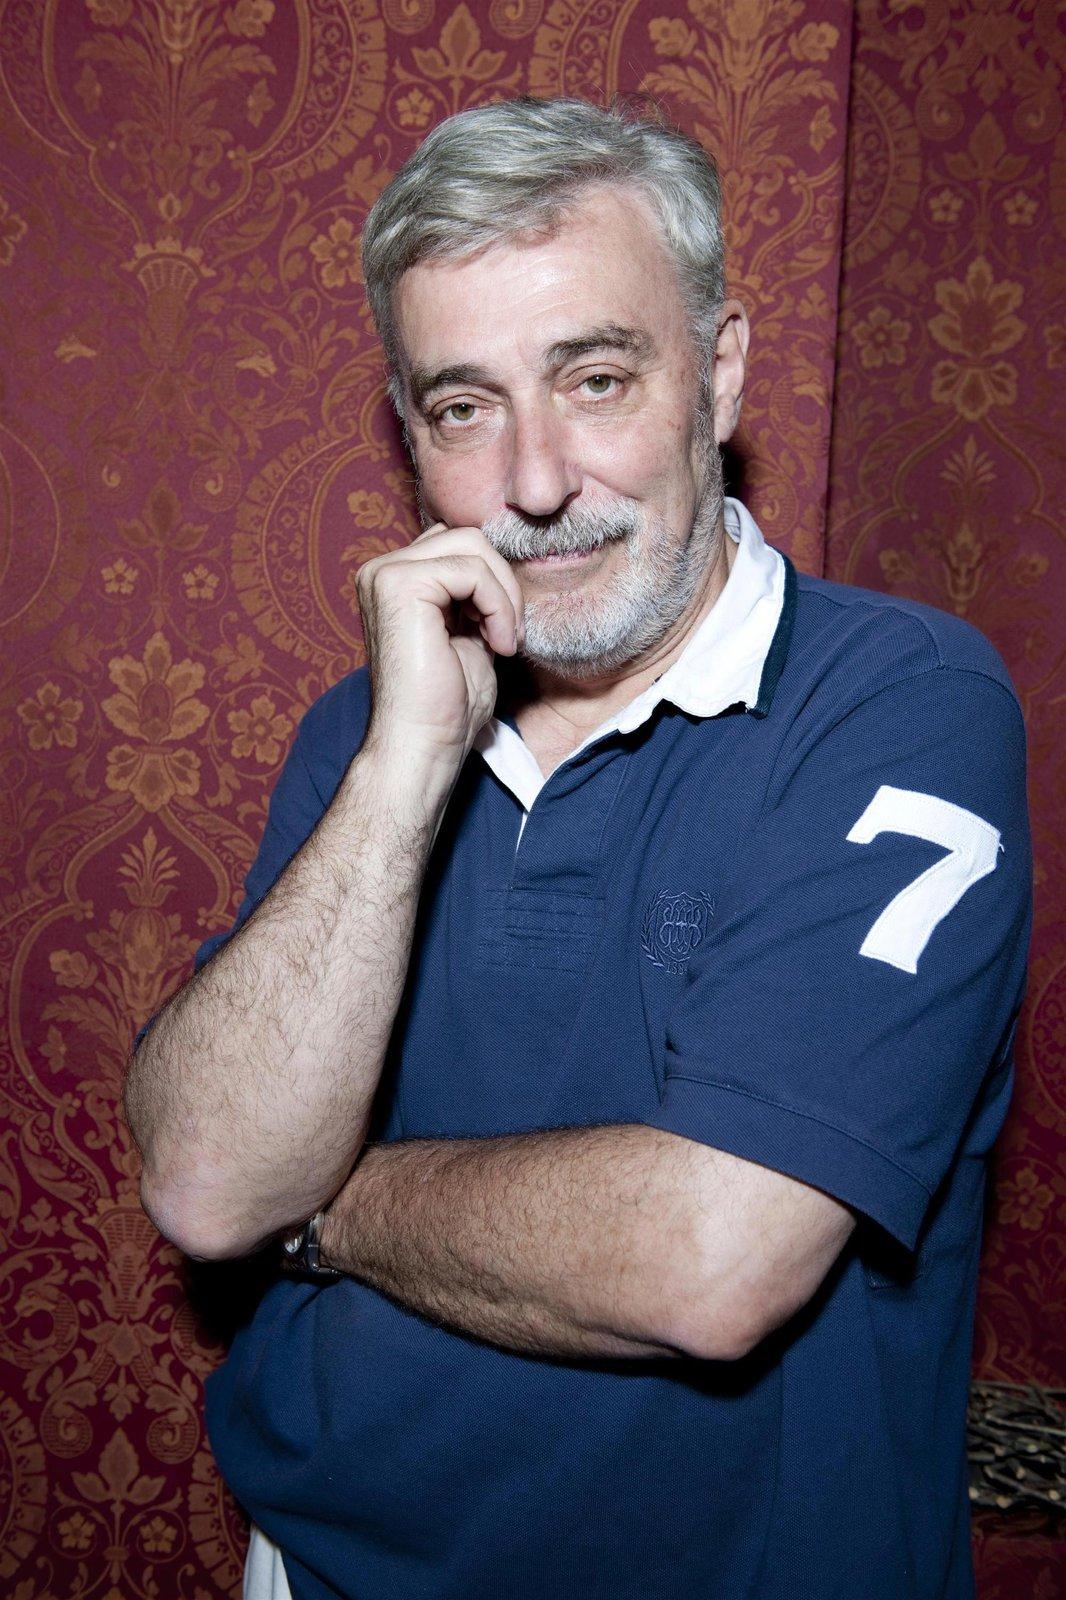 """""""Jsem chlapec narozený na Hané, který se řízením osudu dostal do Prahy, pak se ocitl v rádiu, ani vlastně neví jak..."""" říká sám o sobě."""